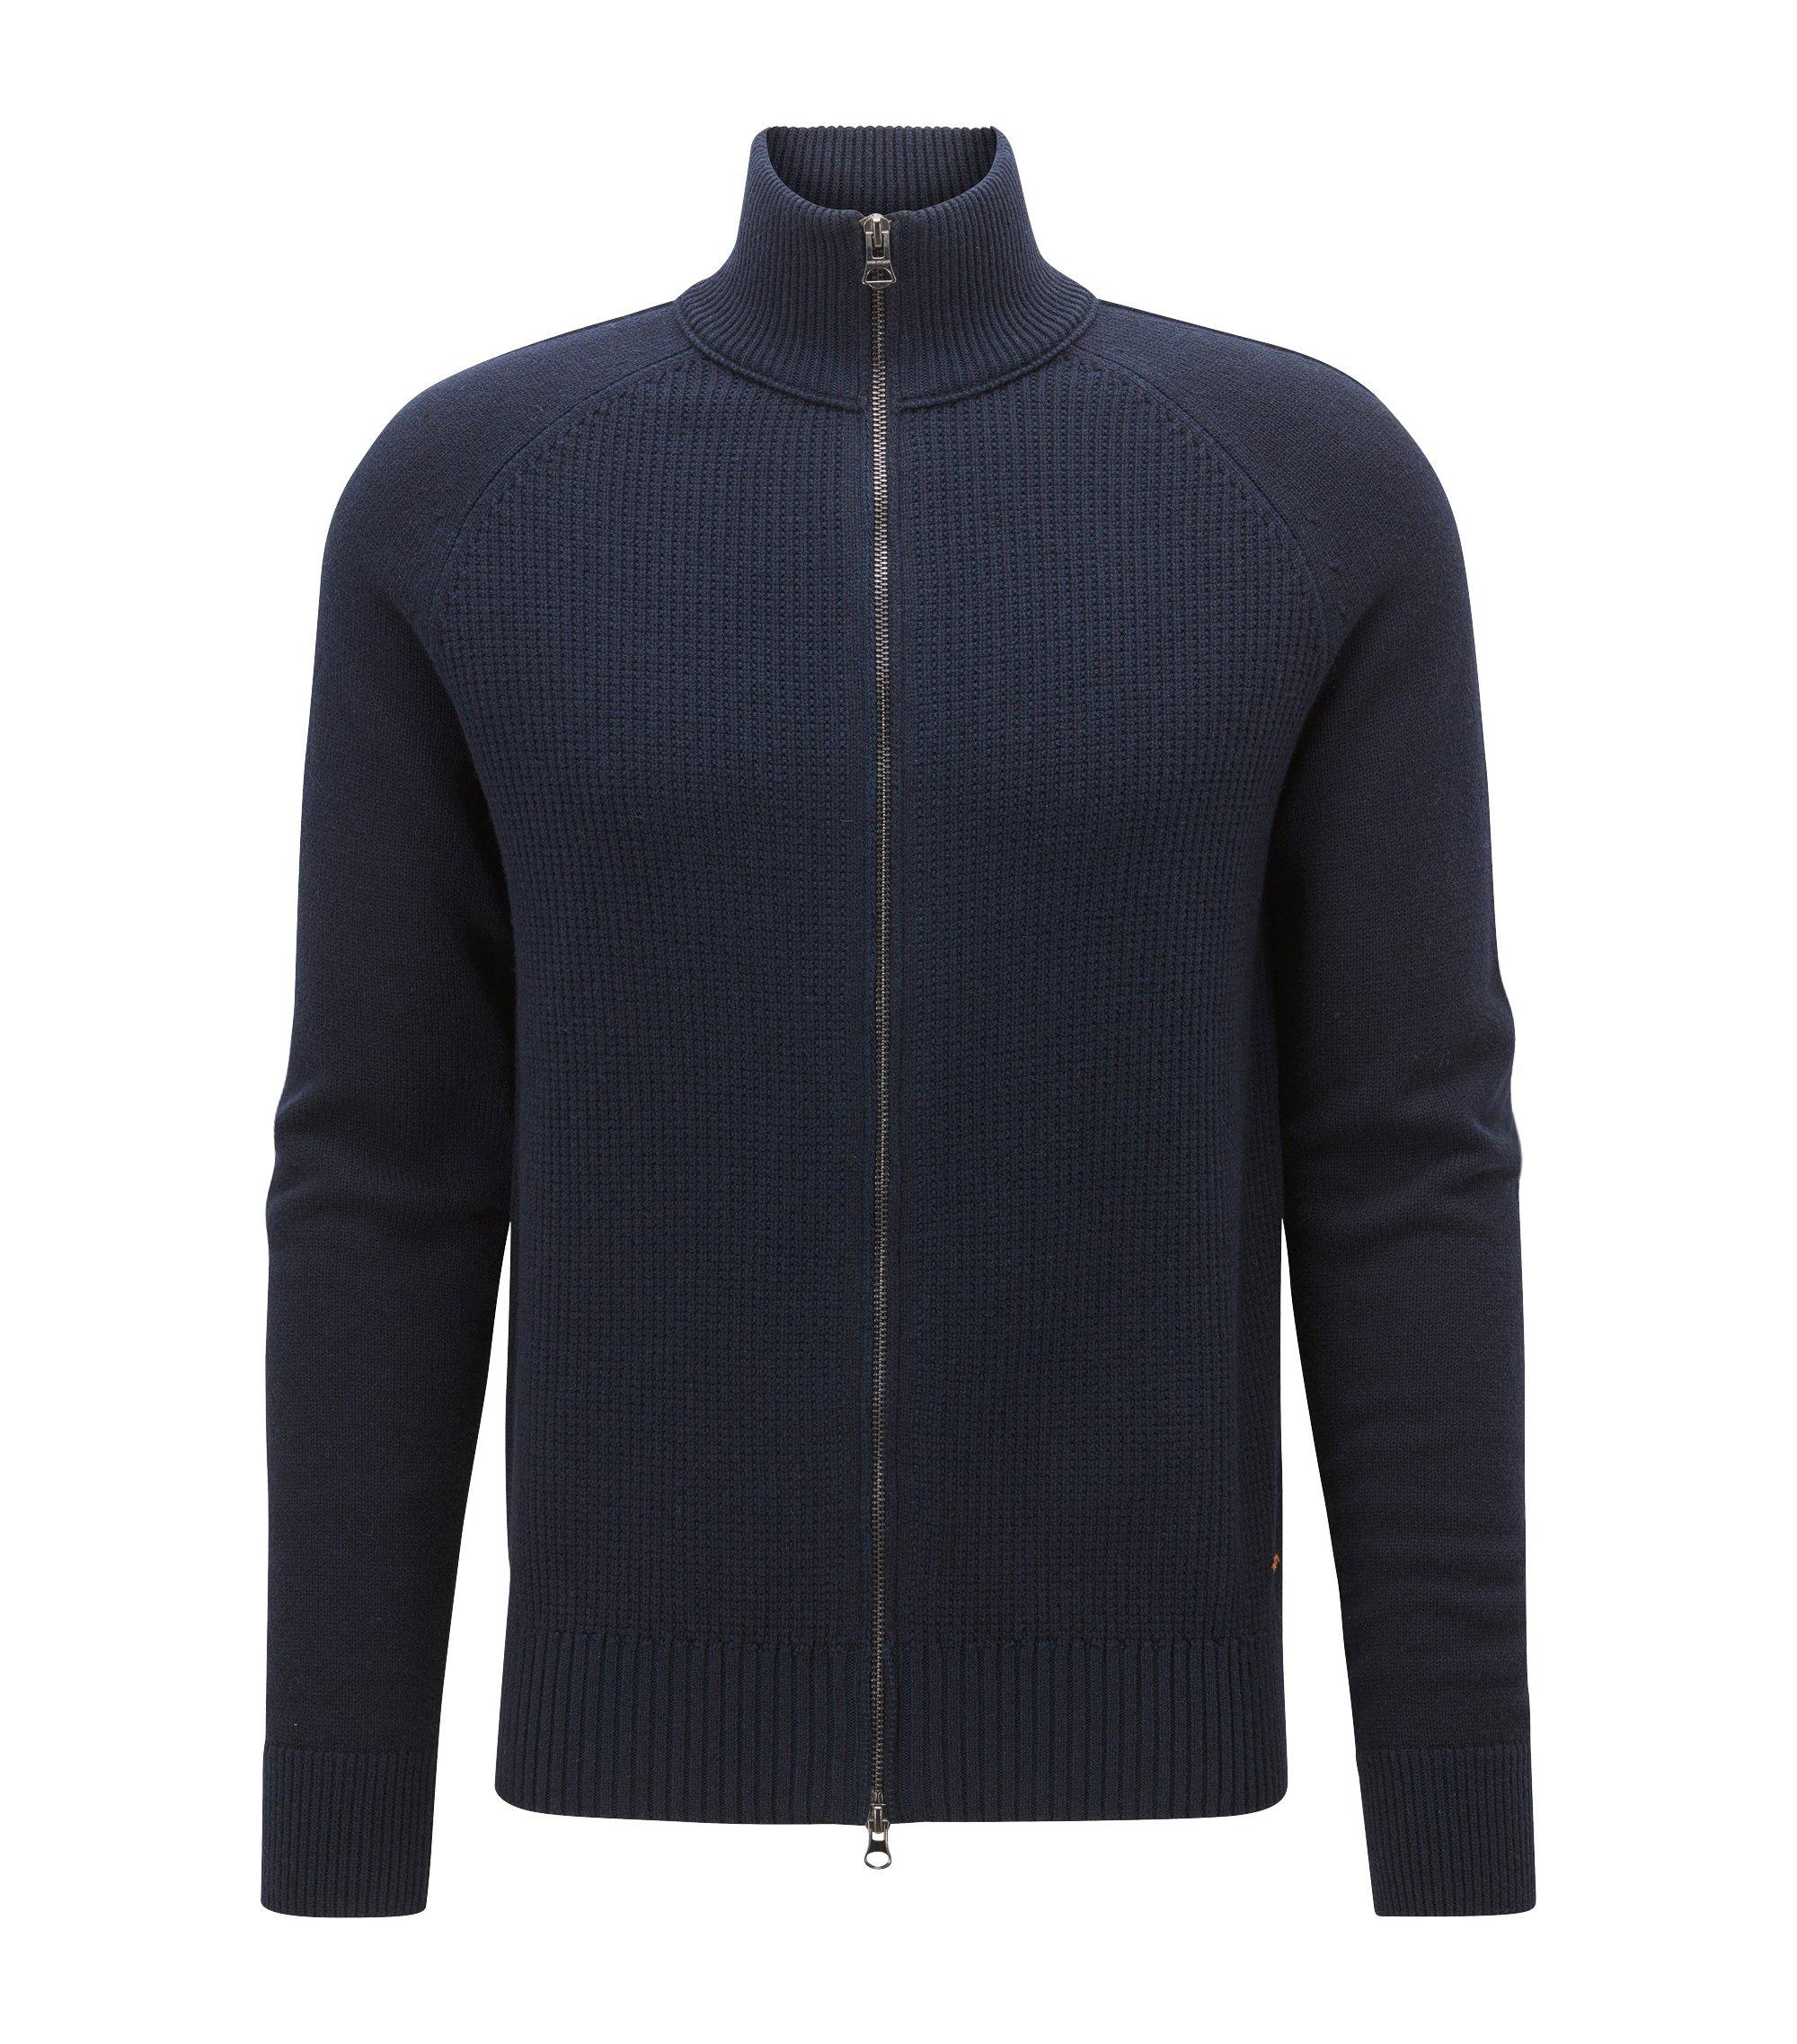 Veste zippée Regular Fit en coton mélangé, Bleu foncé